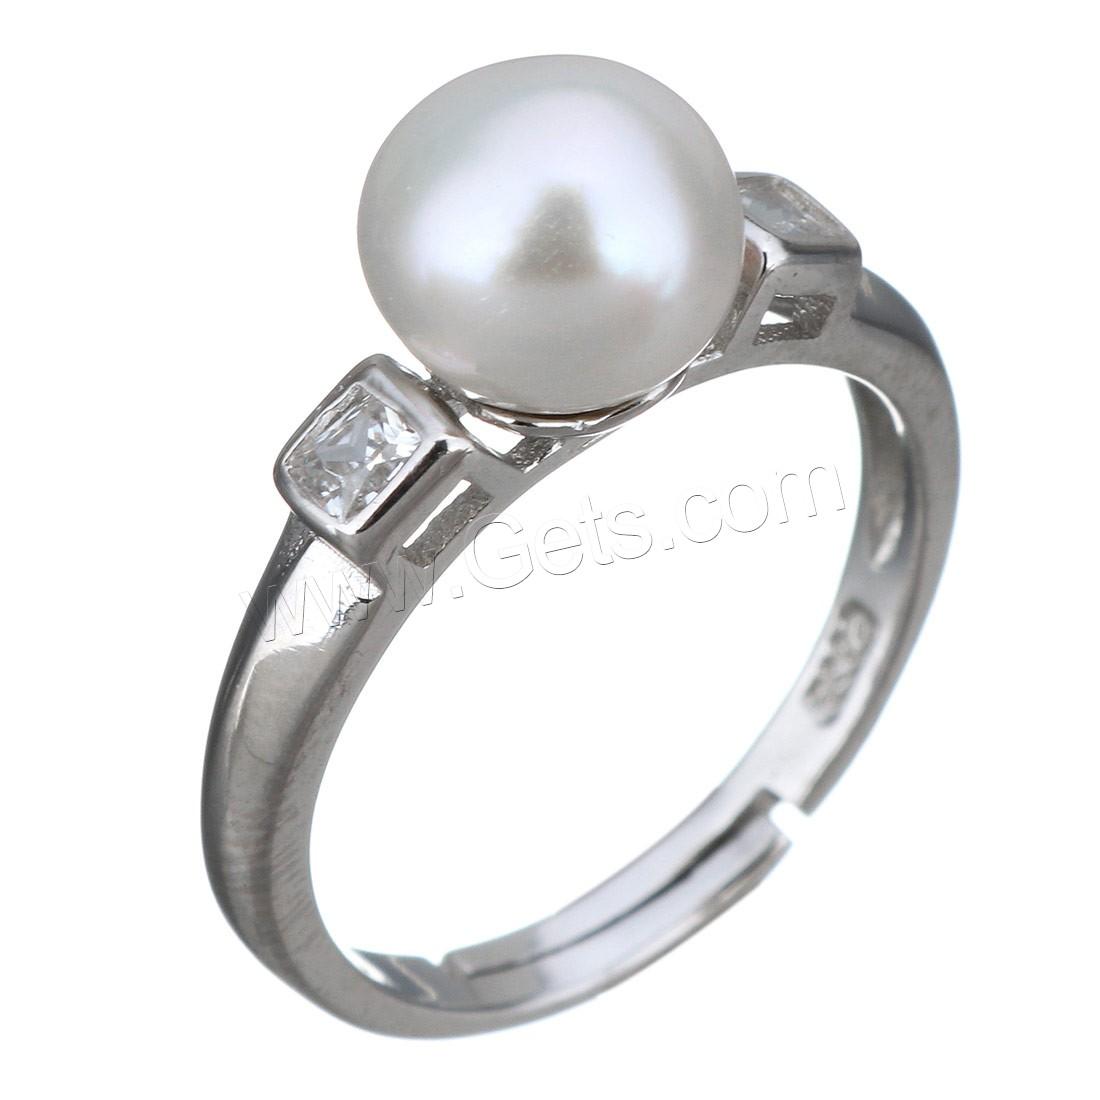 En Argent Sterling 925 Eau Douce Perle de Culture Bague